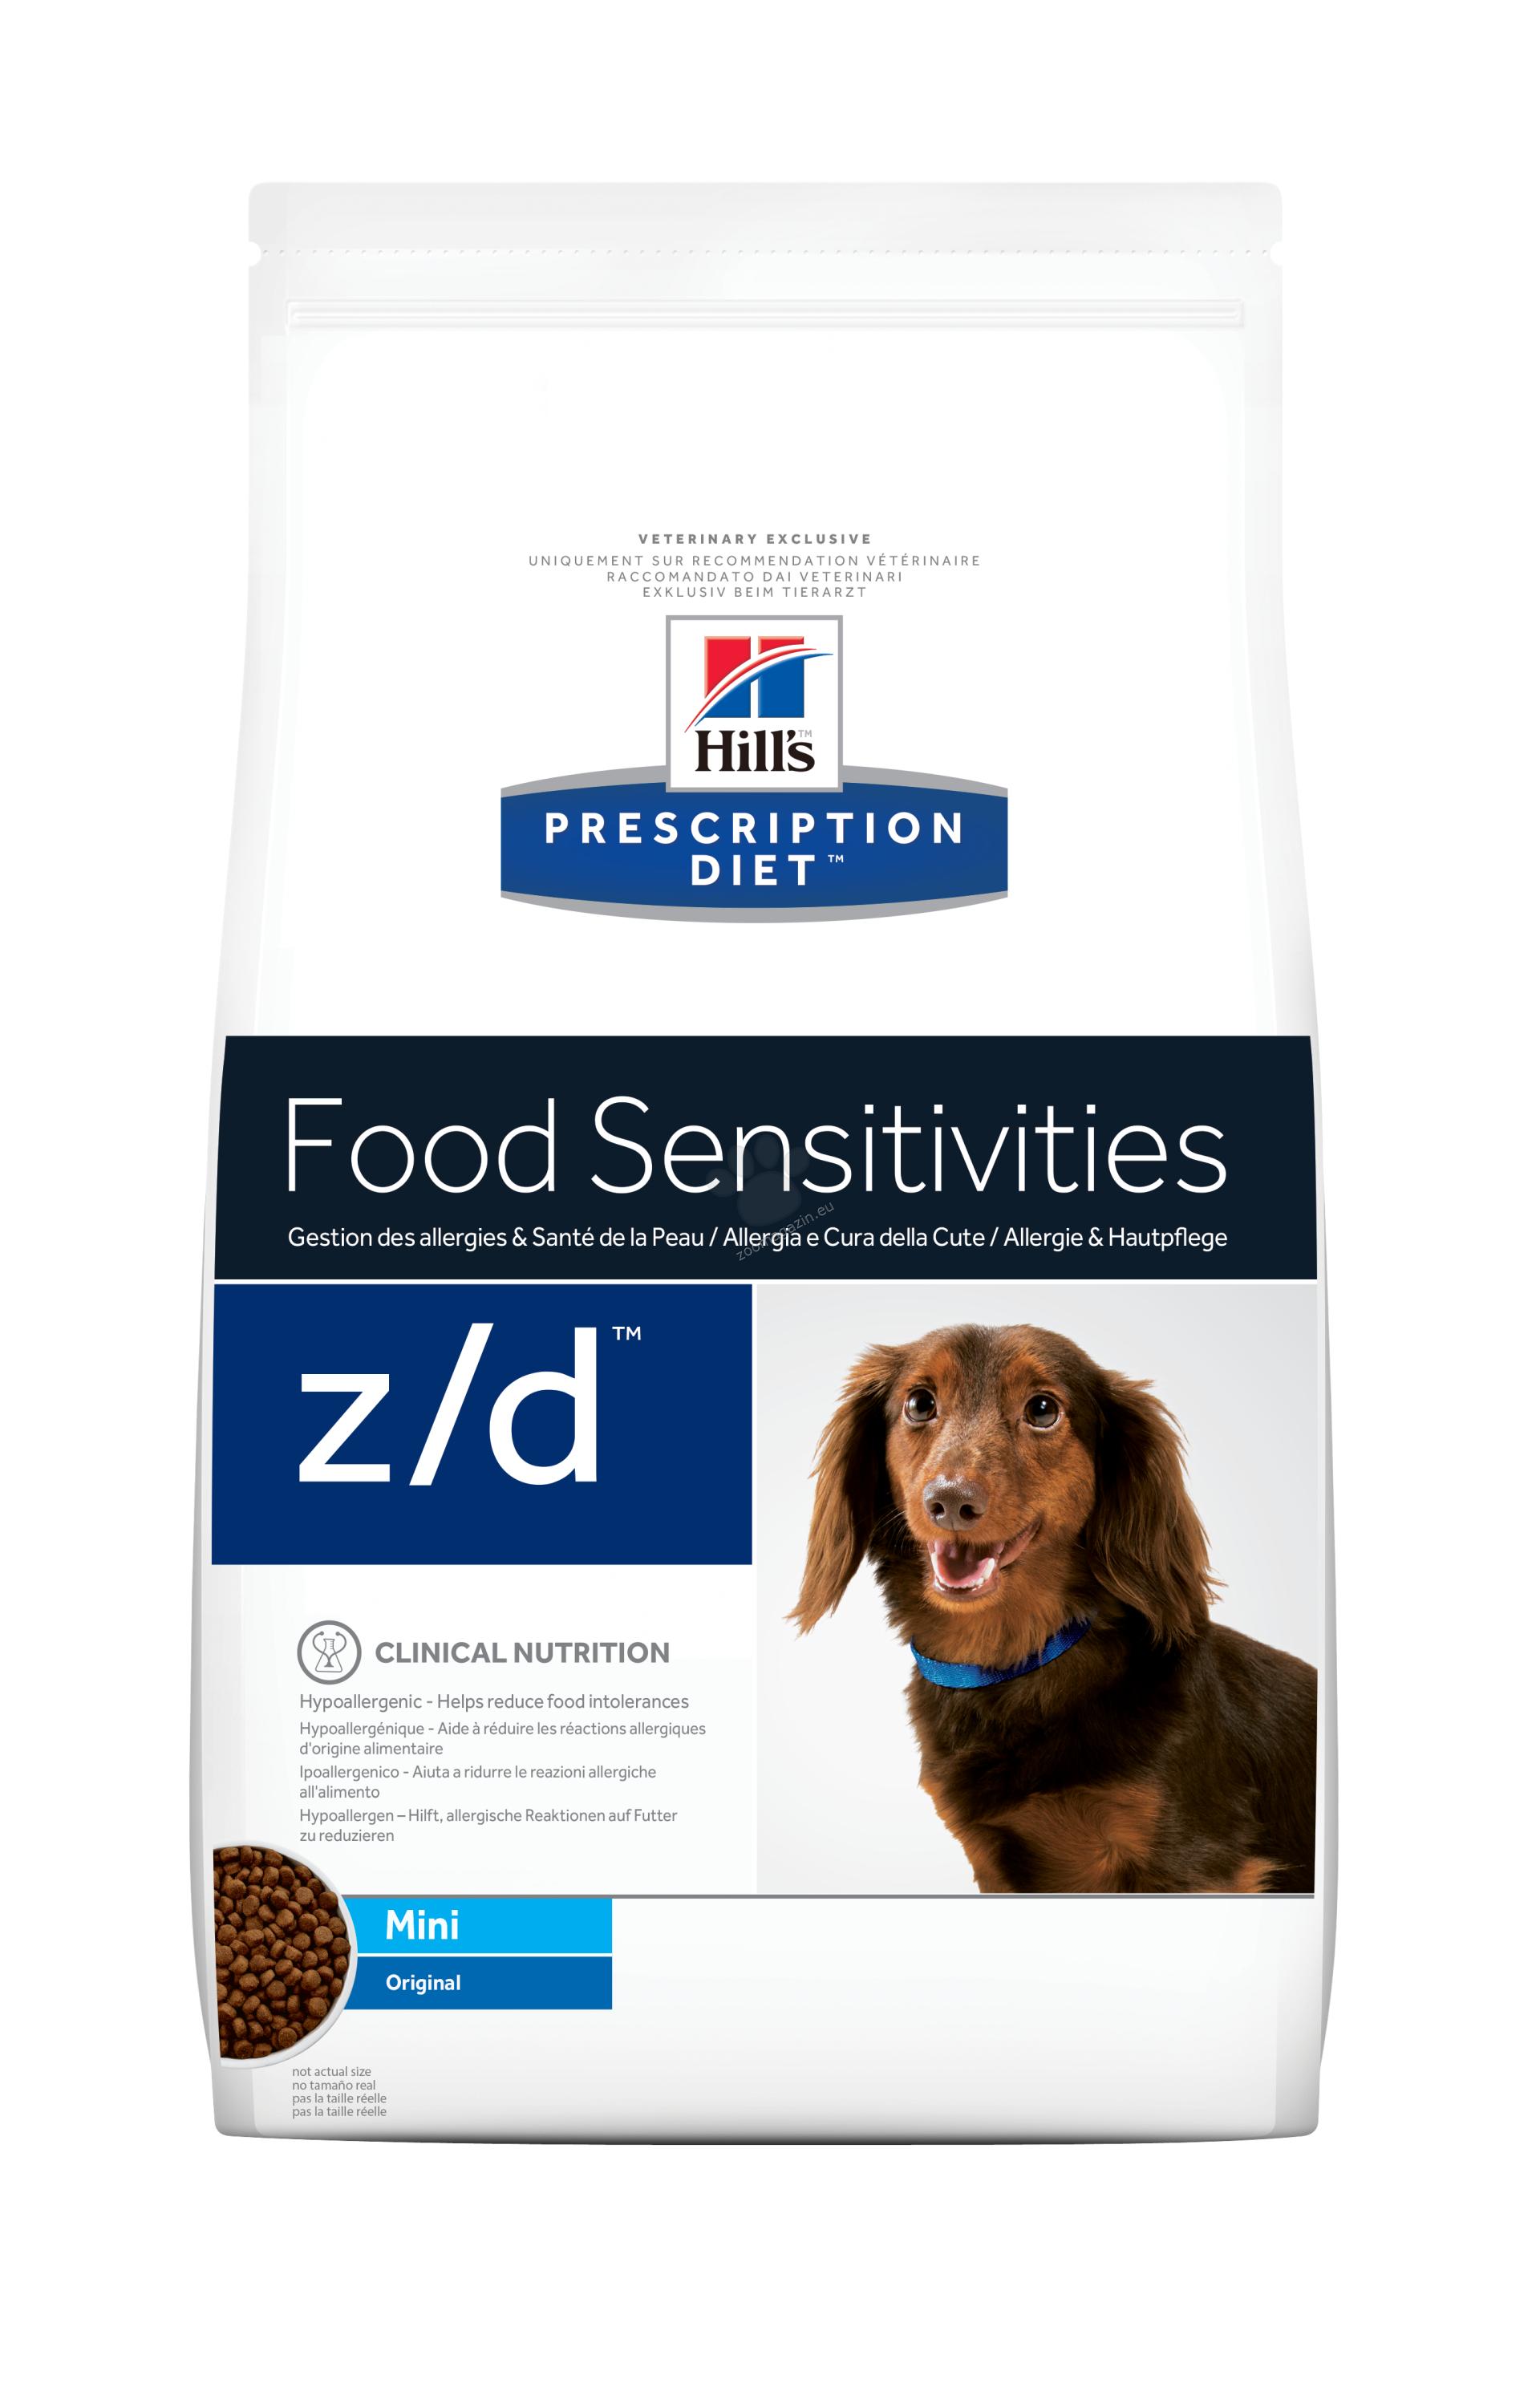 Hills Prescription Diet z/d Мini - хидролизирана диета за кучета до 10 кг с хранителни алергии 1.5 кг.